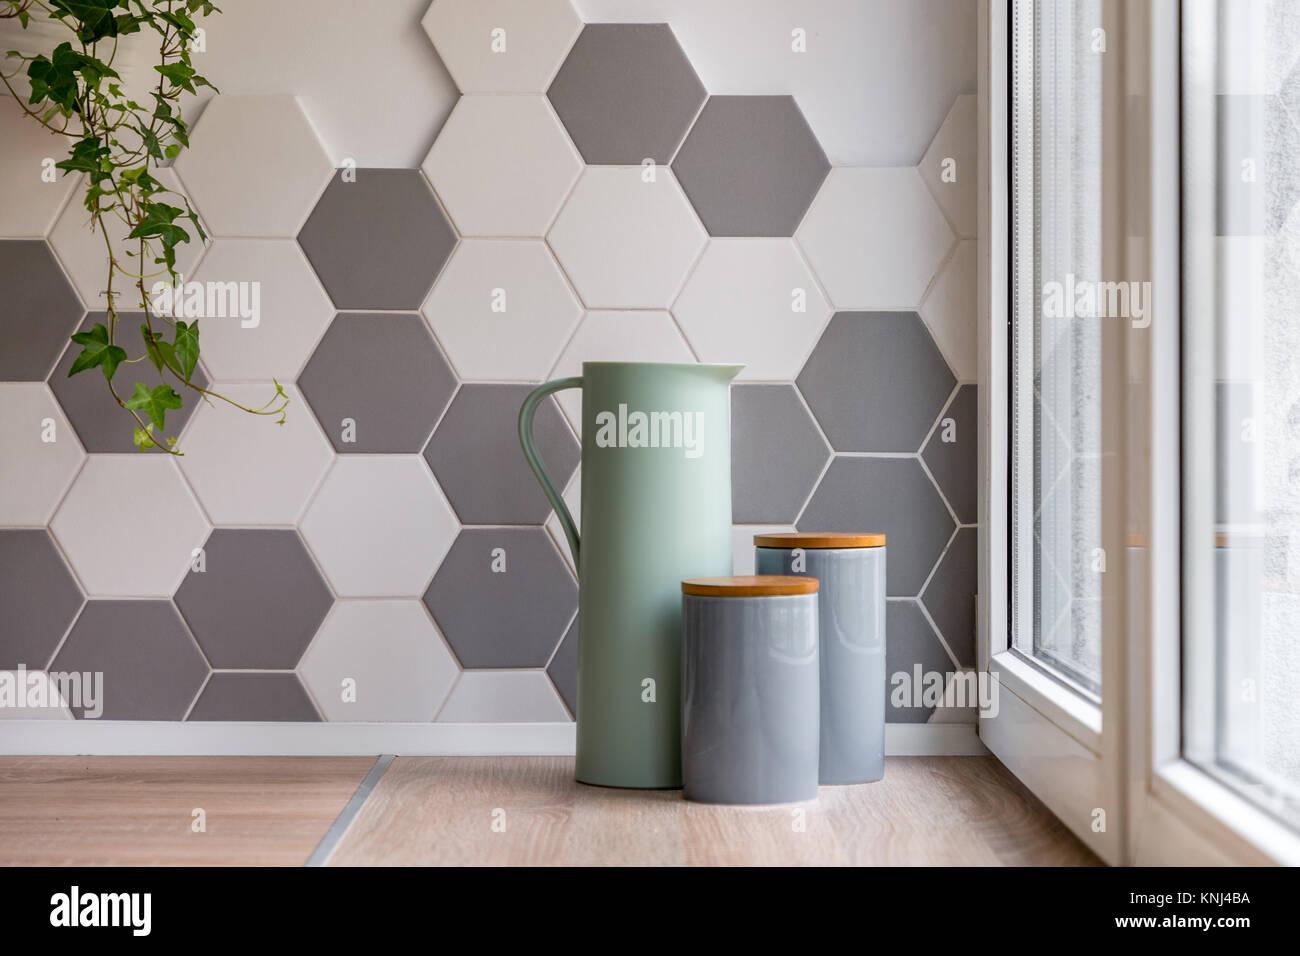 Home Interieur mit sechseckige Fliesen, Holz- Arbeitsplatte und ...